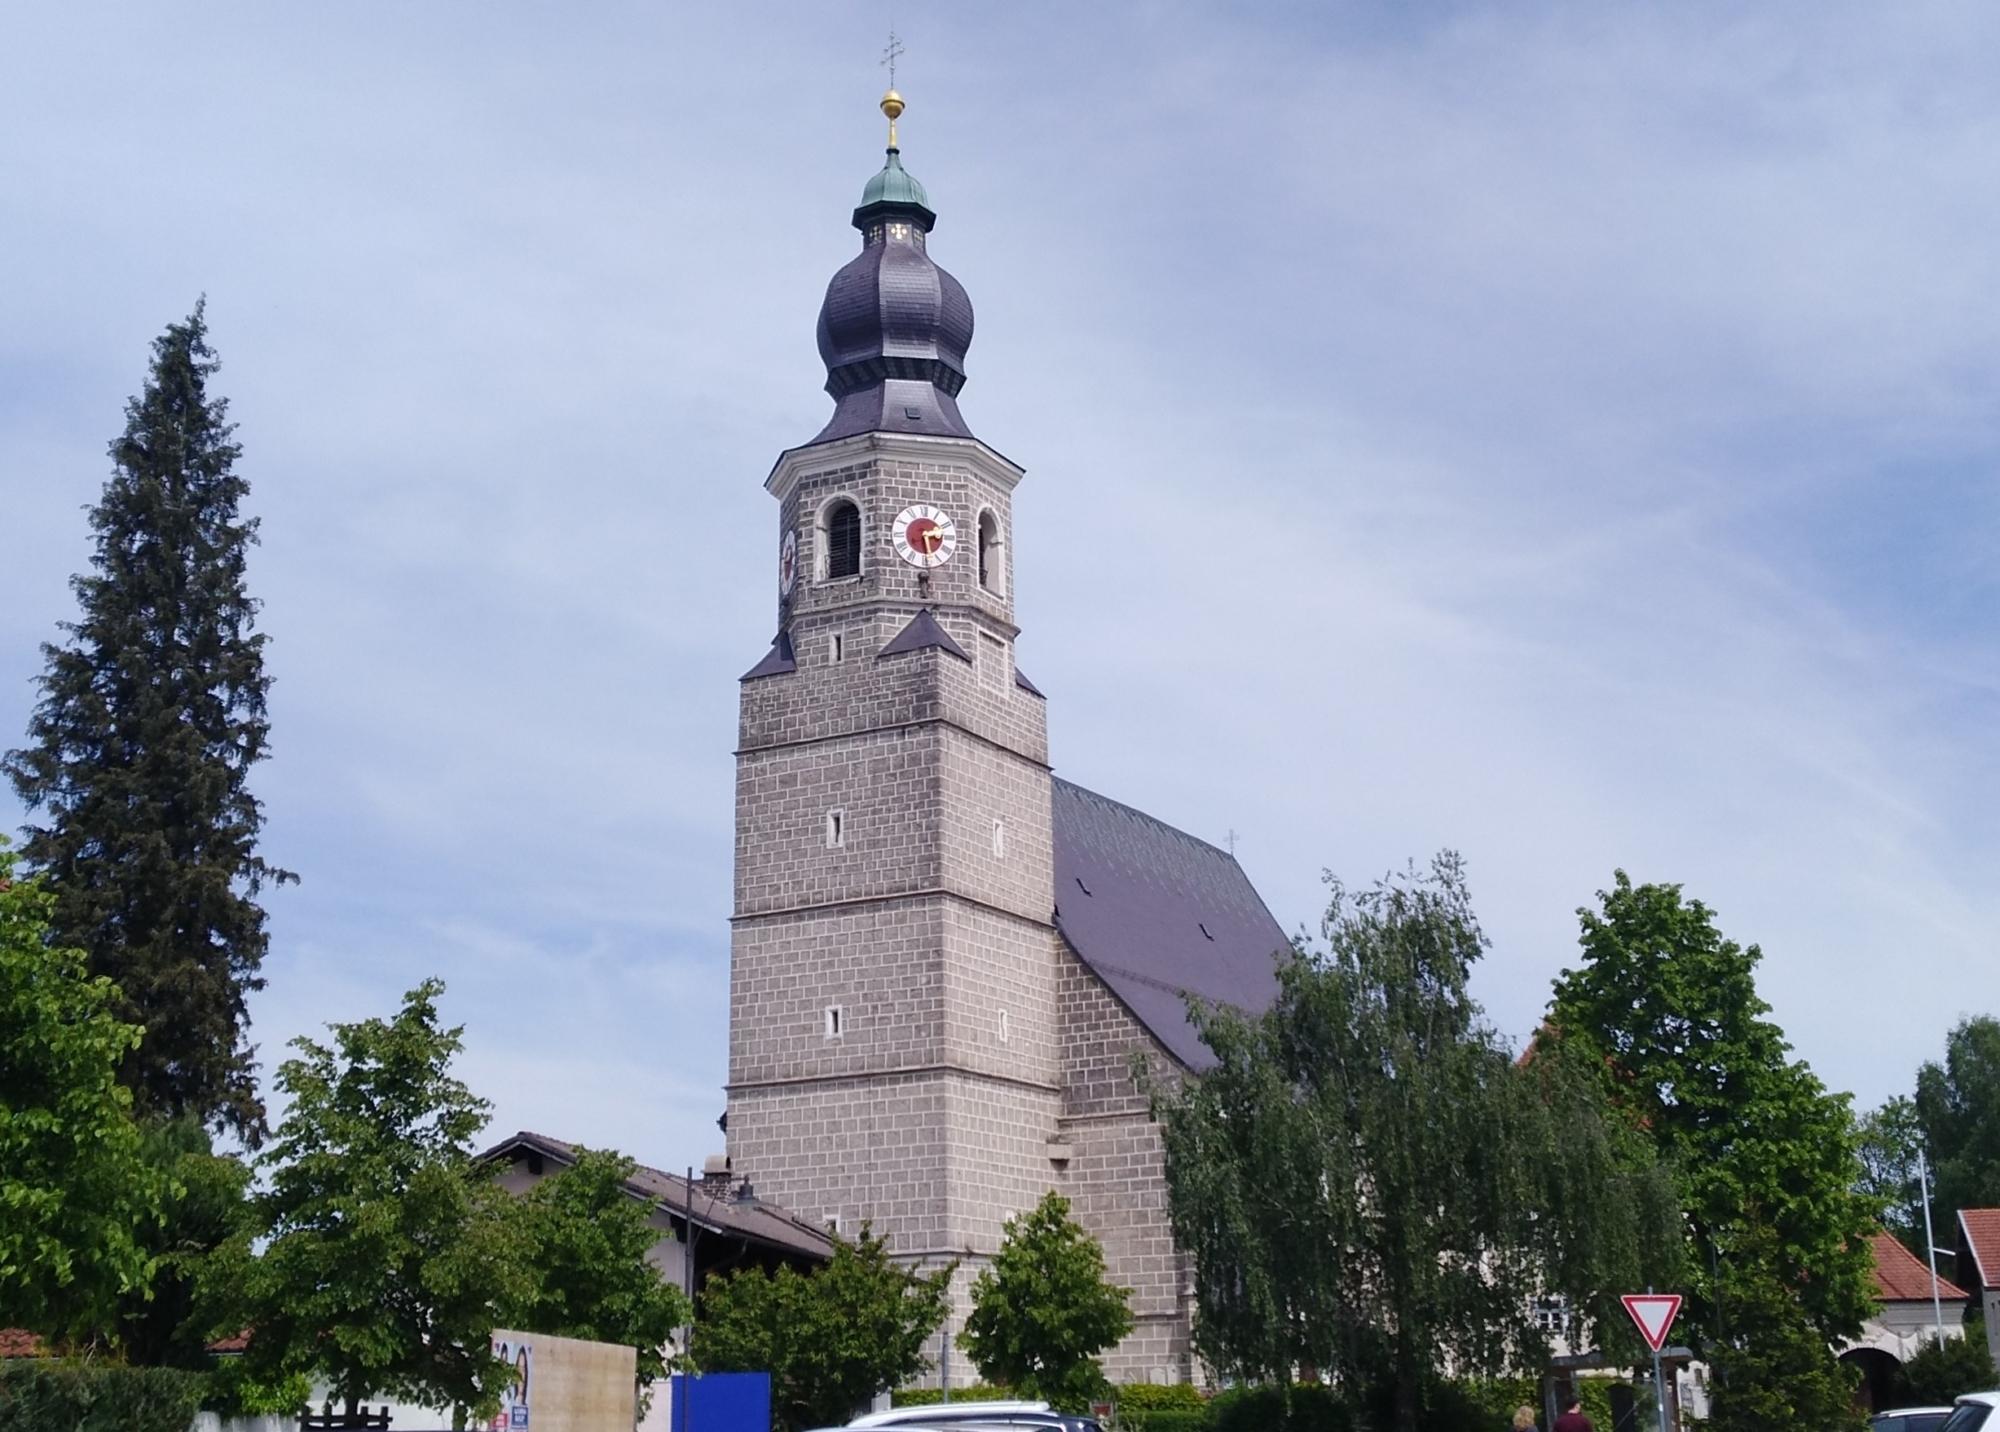 Pfarrkirche Feichten AB 2019